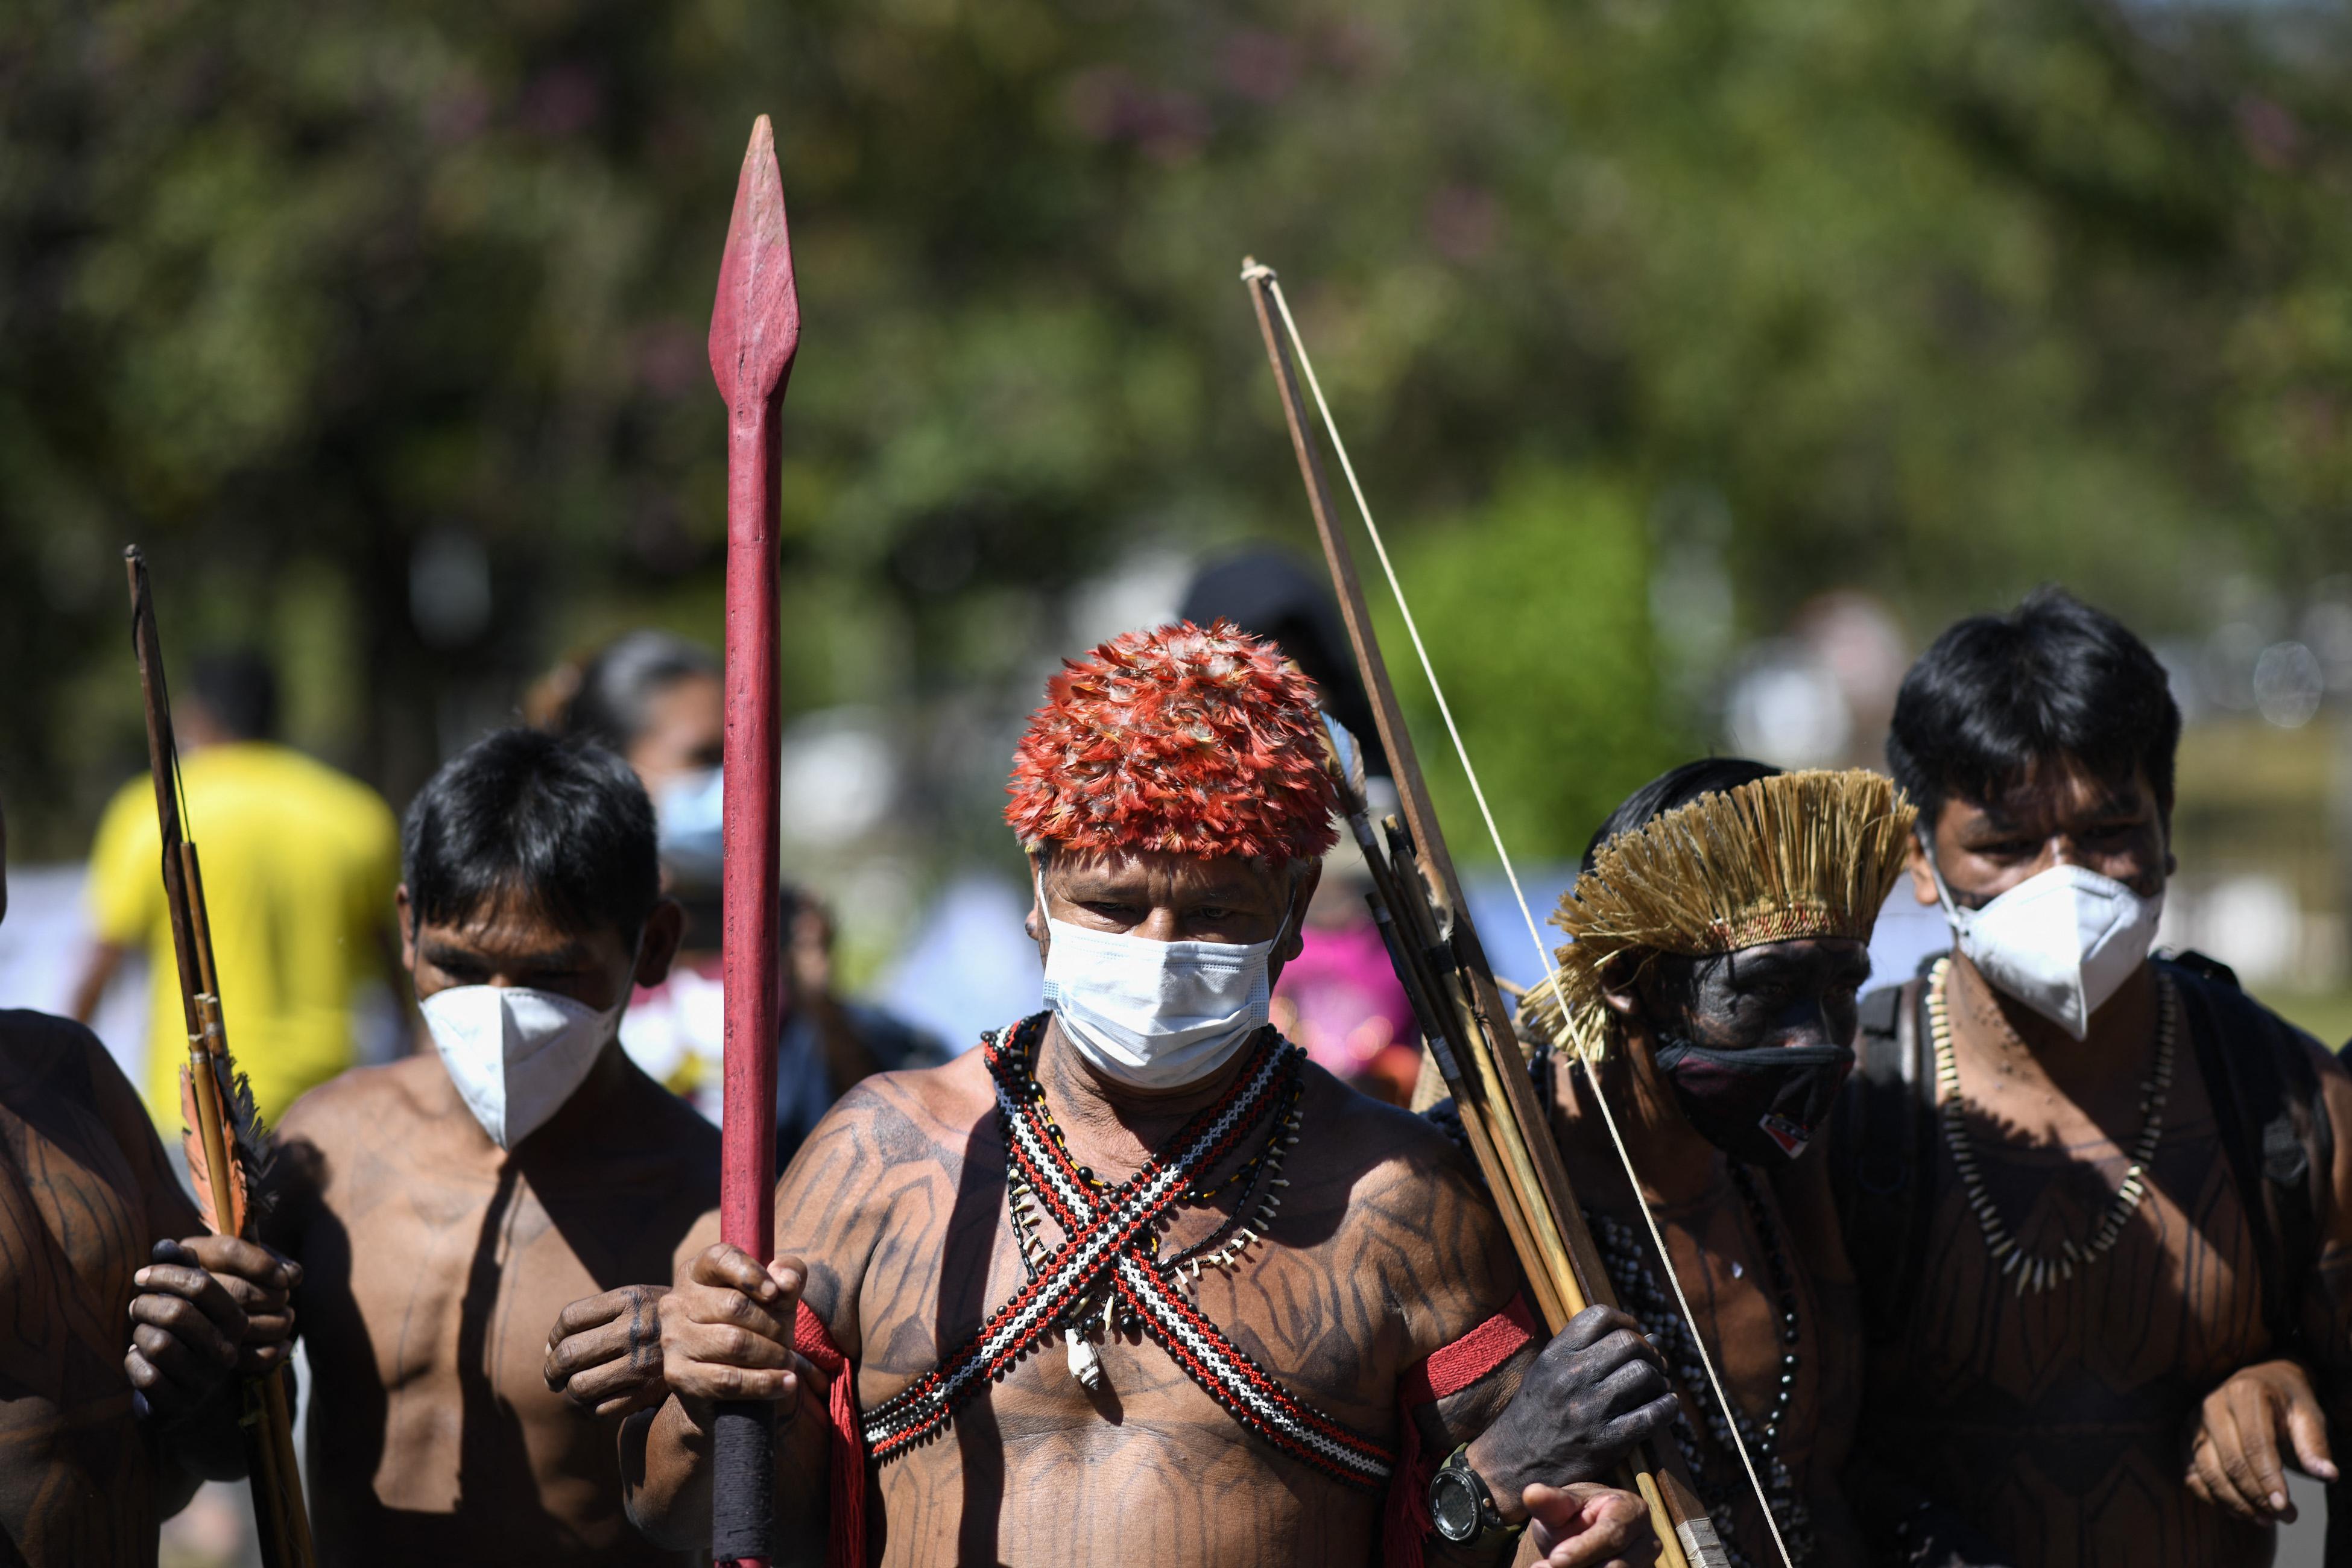 Nyilakkal lőtték az őslakosok a brazil parlament ablakait